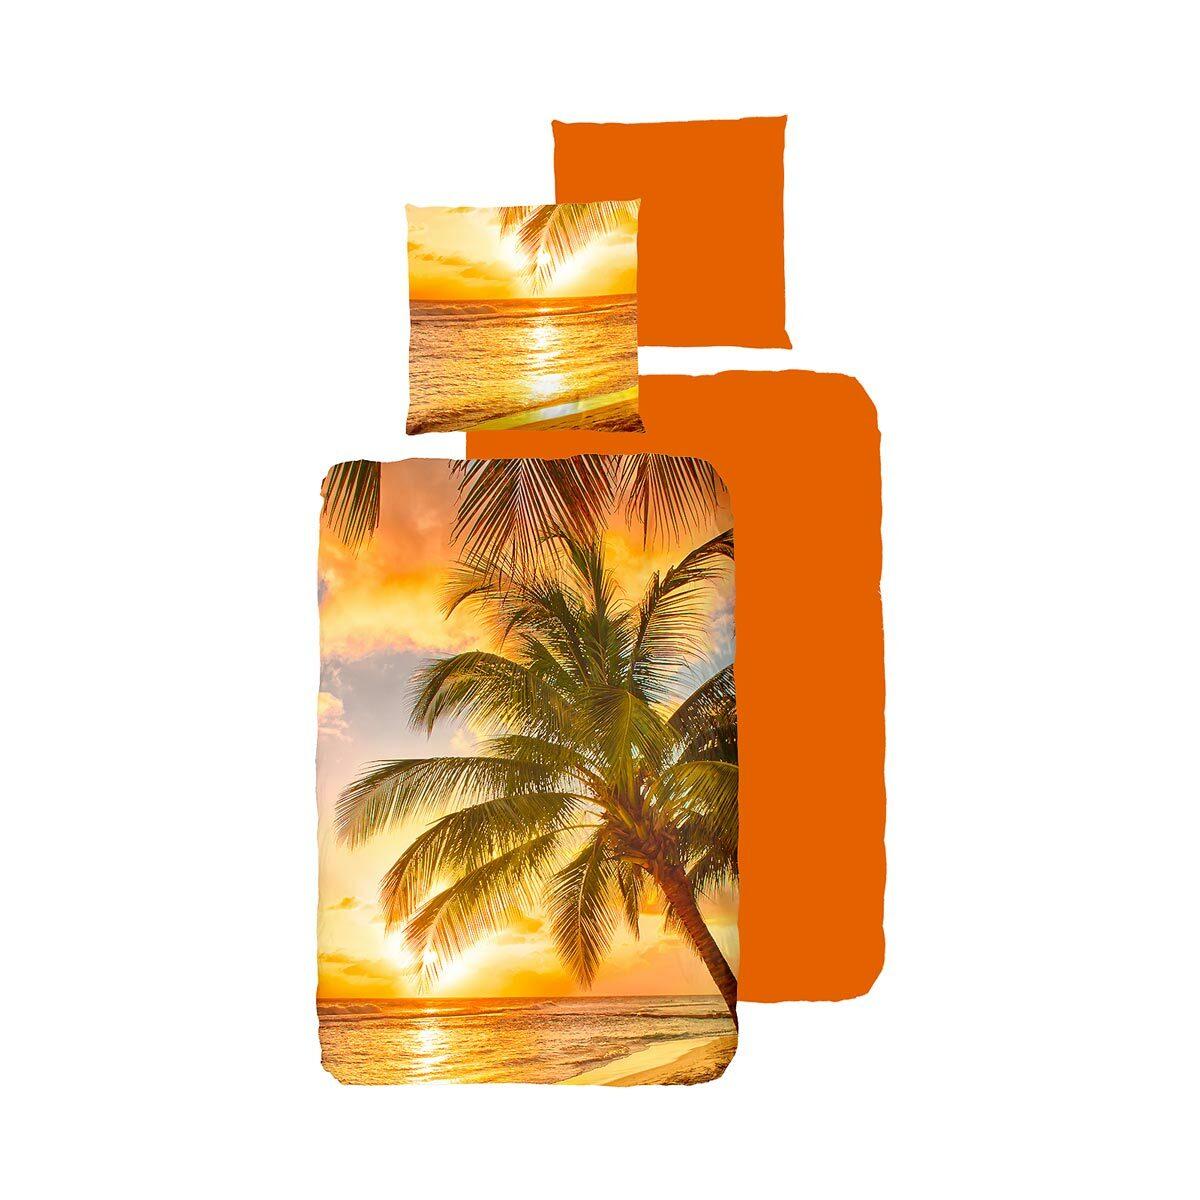 Traumschlaf Bettwäsche Palmen Sonnenuntergang